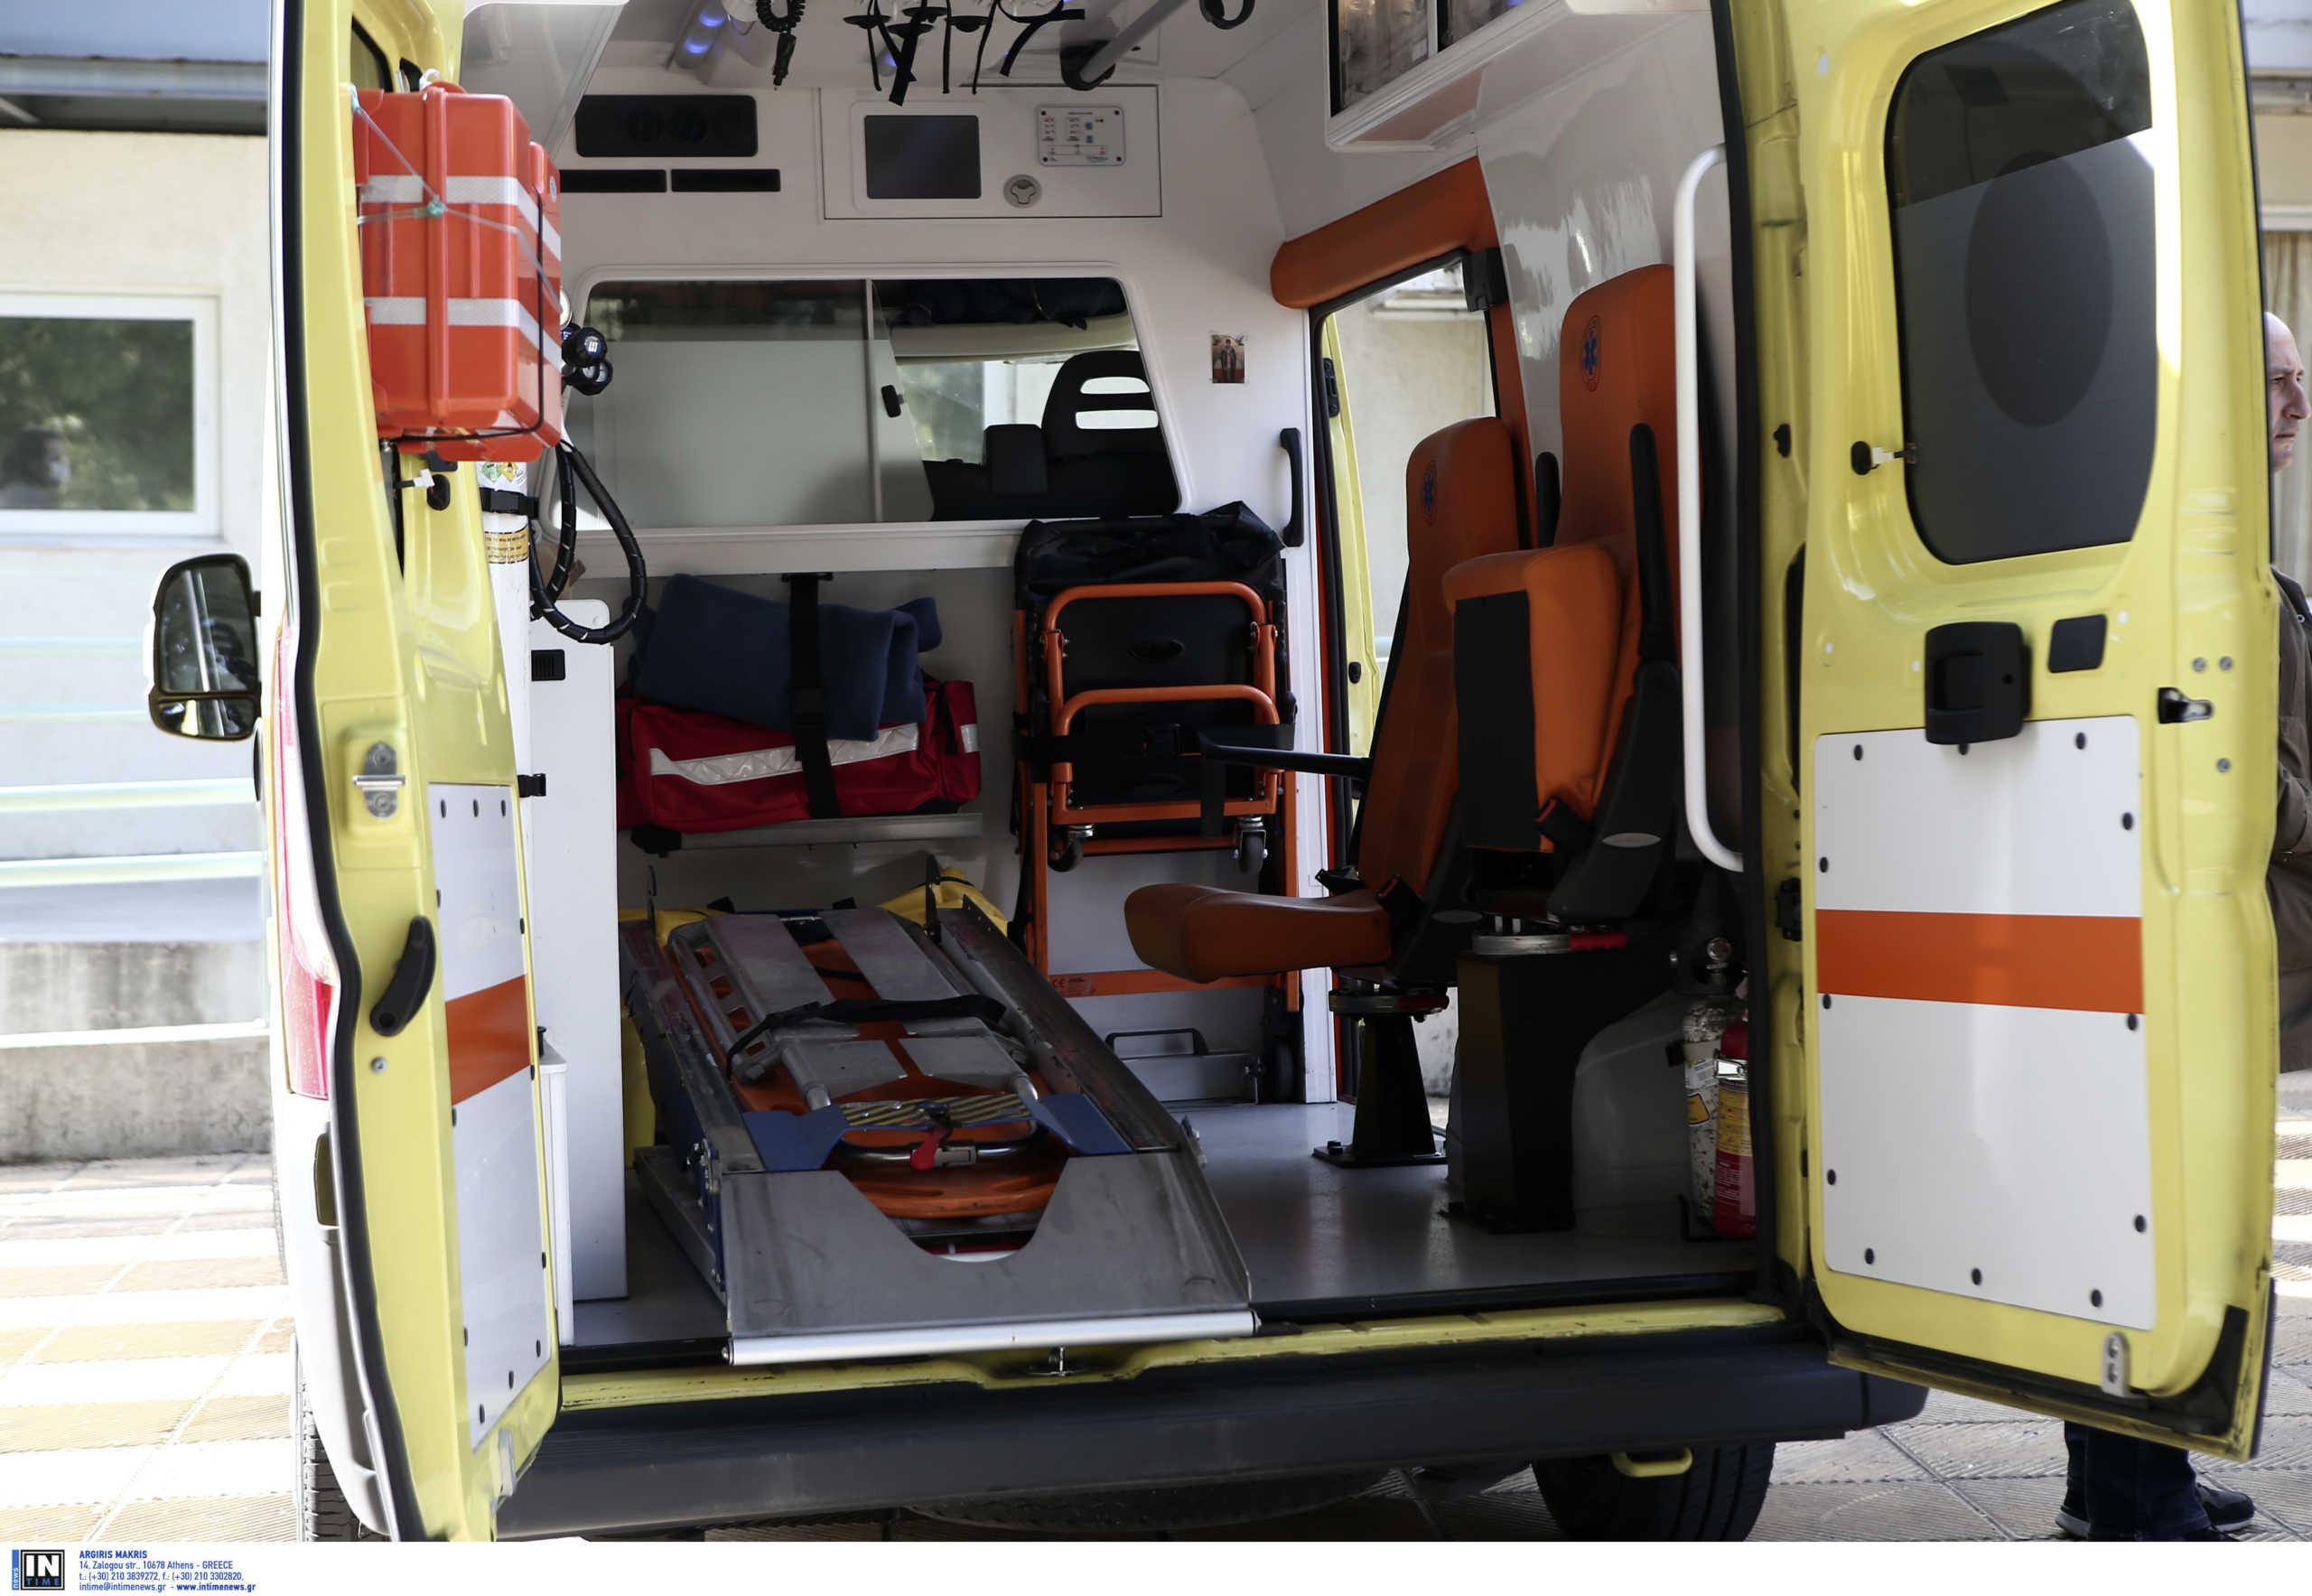 Ξάνθη: Ασύλληπτη τραγωδία με νεκρό οδηγό νταλίκας από ηλεκτροπληξία! Η ατυχία που του στοίχισε τη ζωή